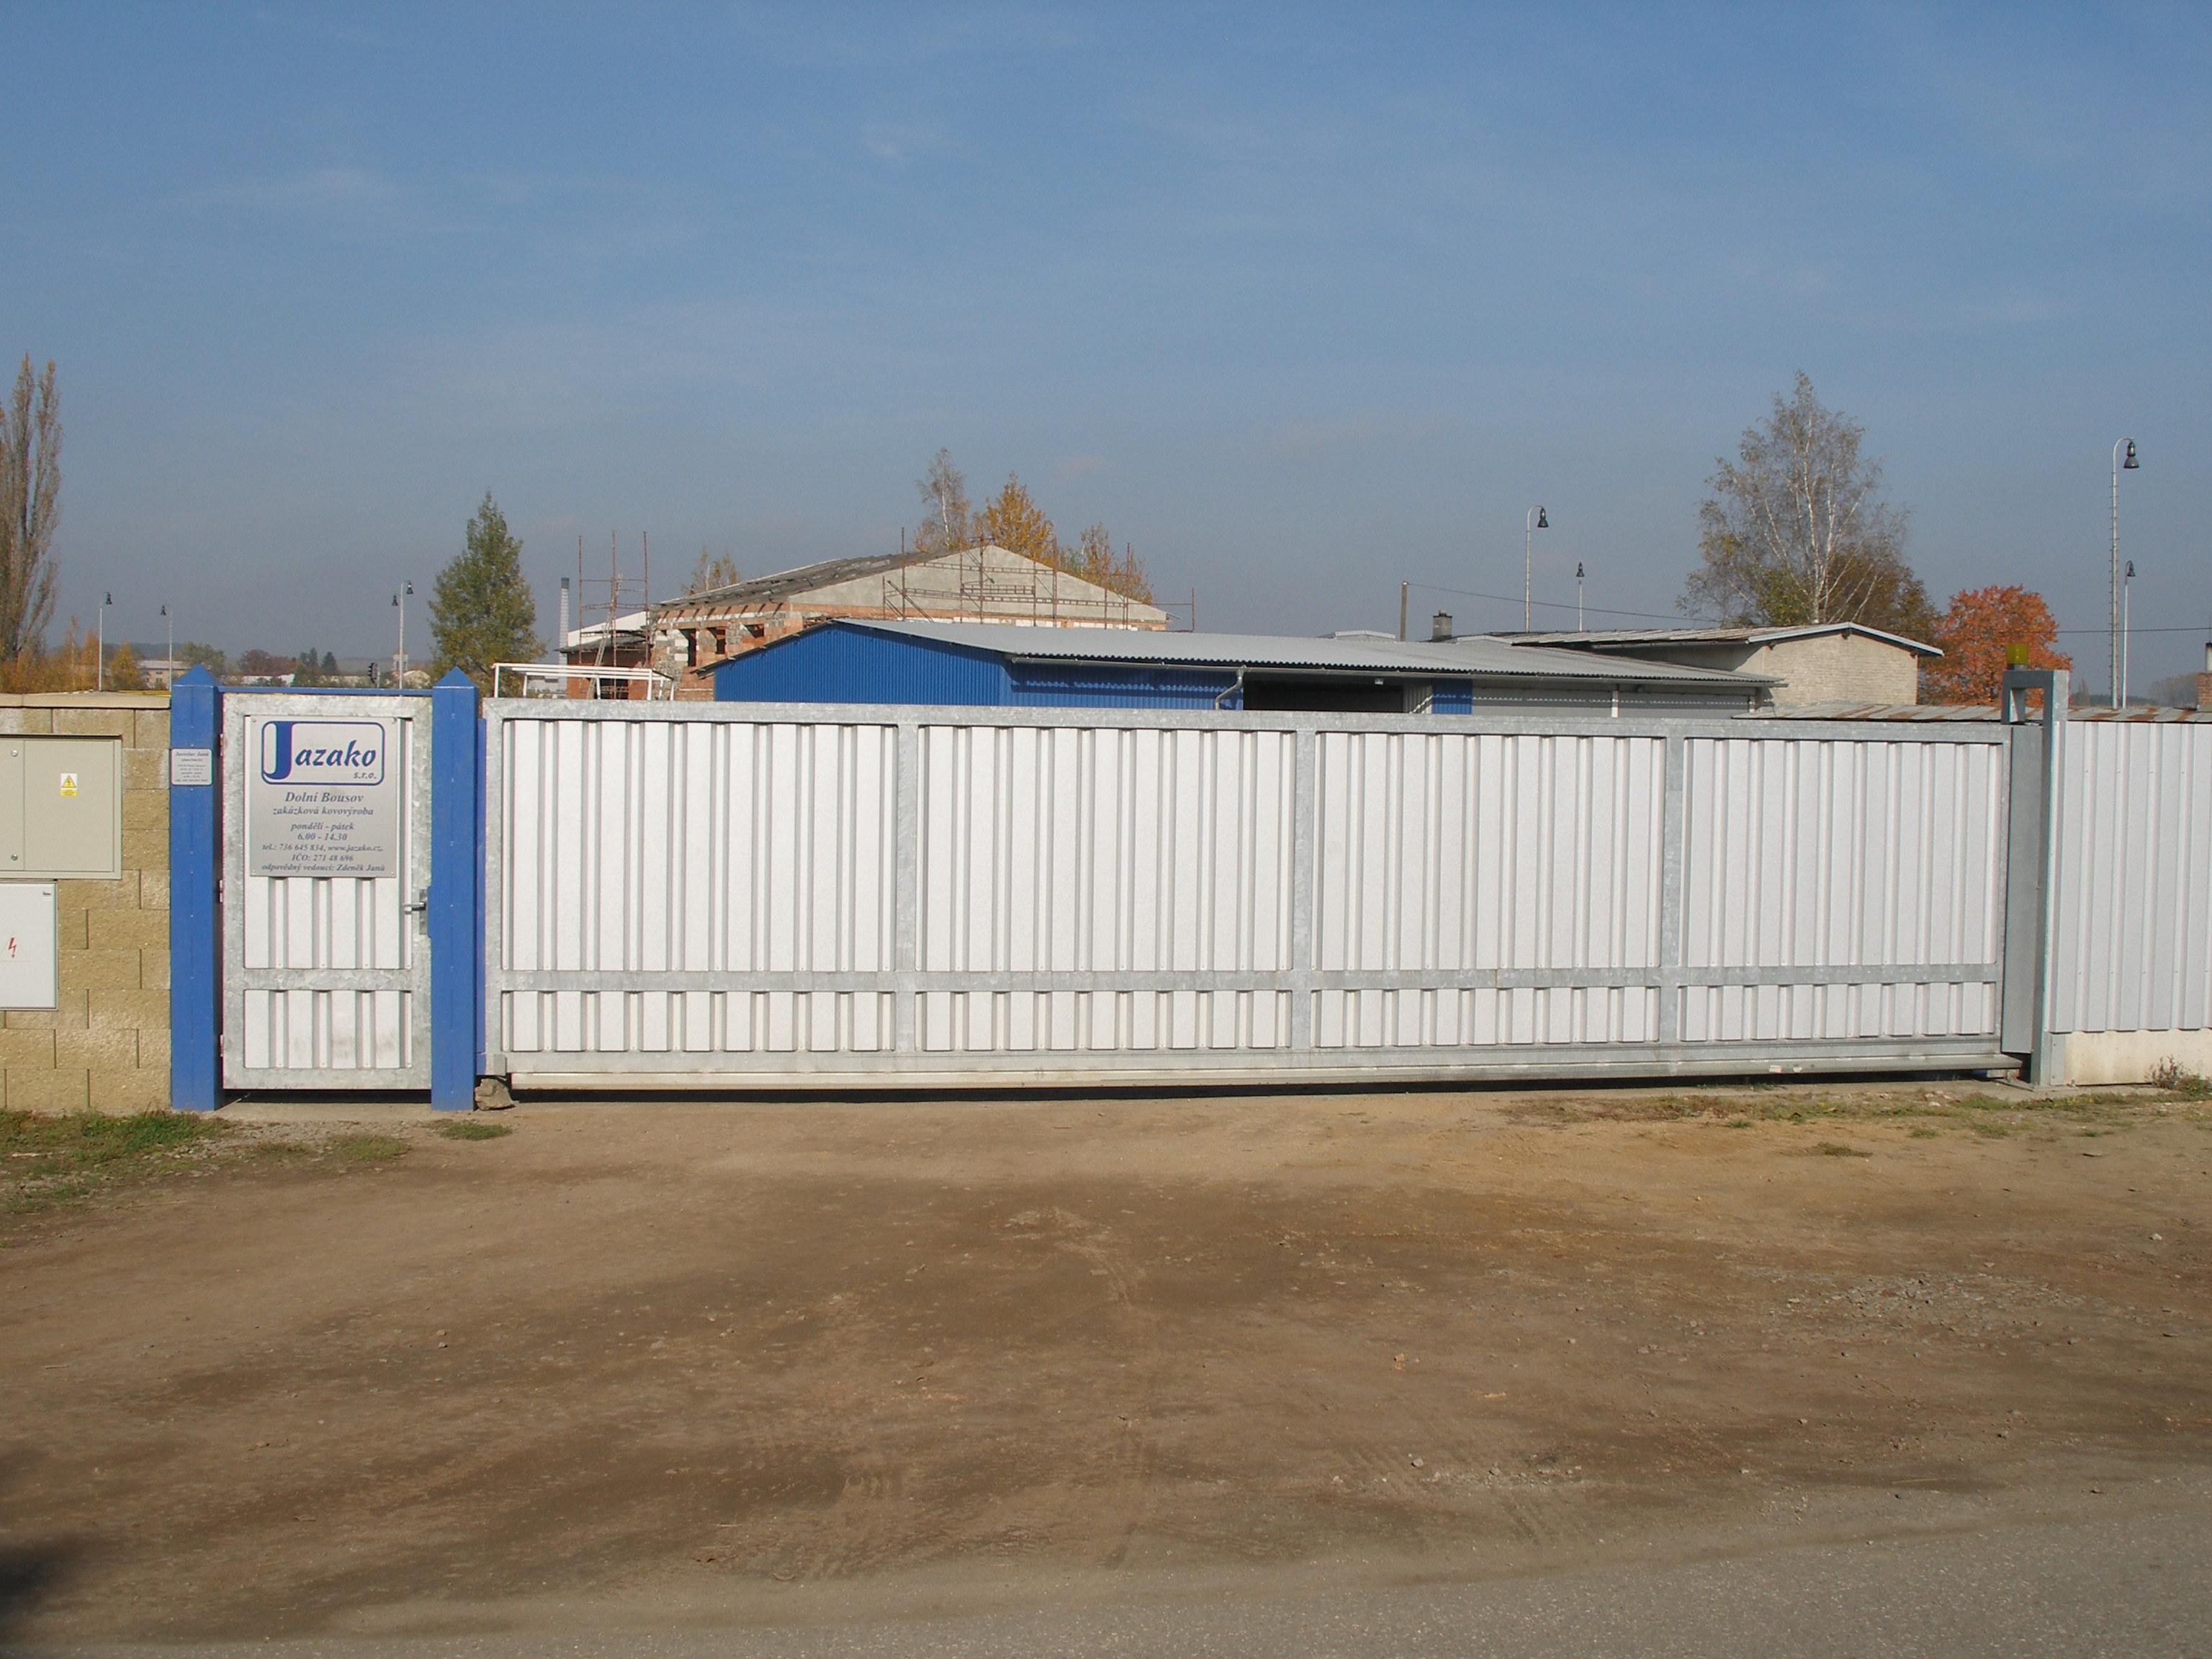 JAZAKO - Dolní Bousov